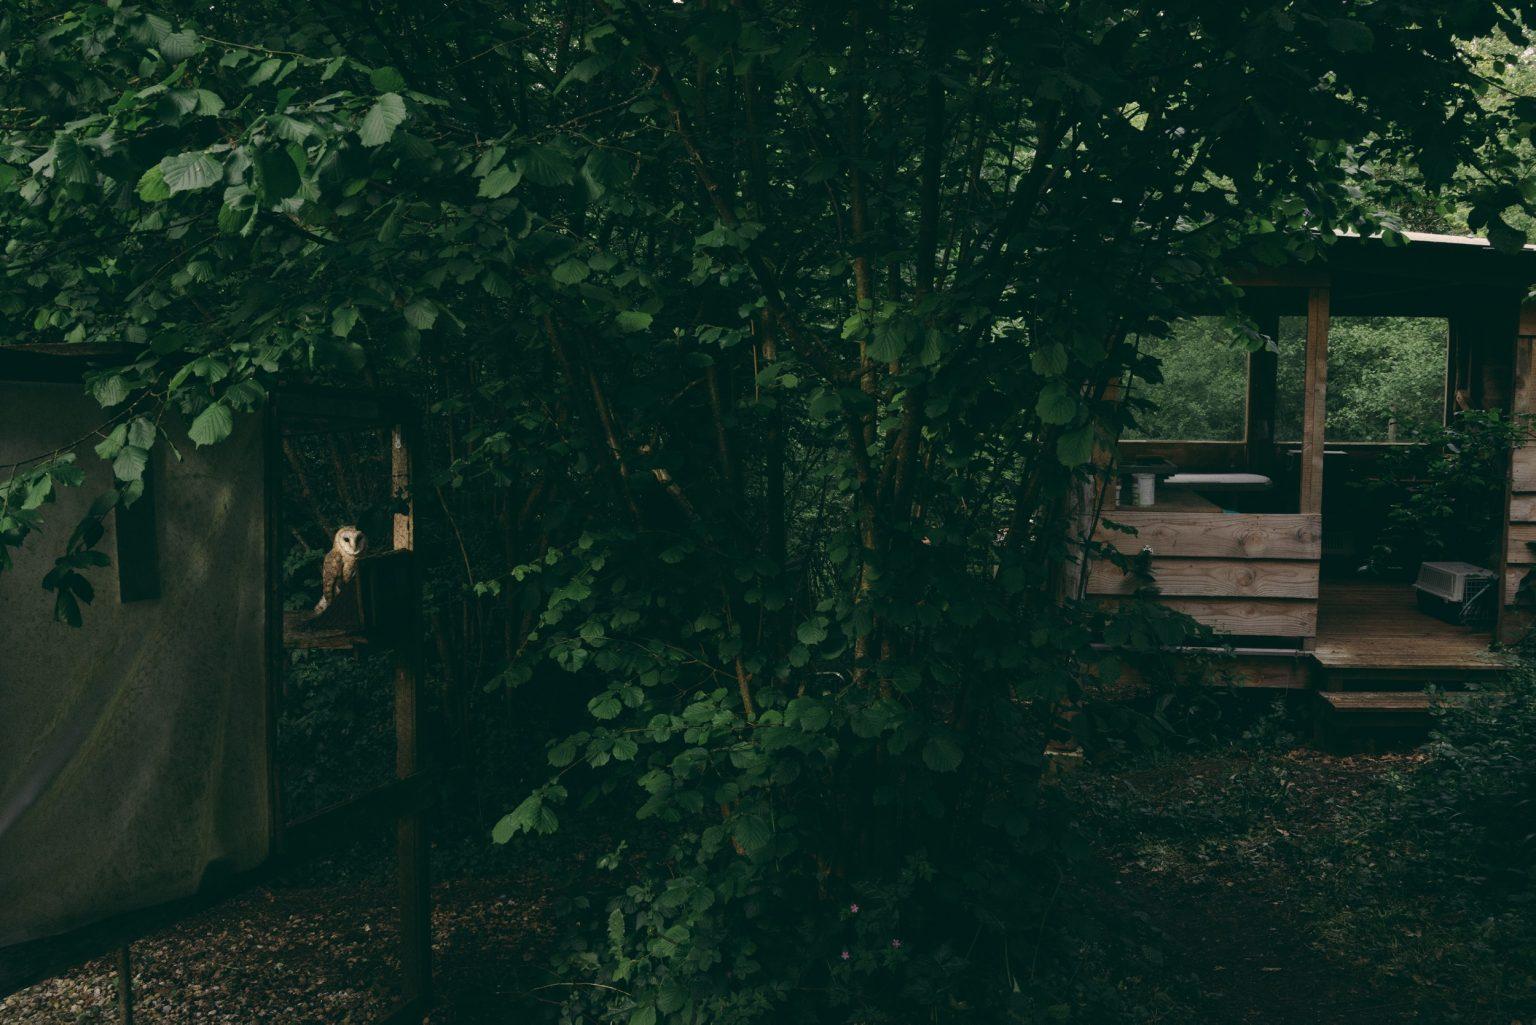 Bonneuil-Matours, France, May 2017 - La Maison Neuve. The barn owl Boubo in his aviary while a sunbeam filters through the forest foliage at sunset. >< Bonneuil-Matours, Francia, maggio 2017 -  La Maison Neuve. Il barbagianni Boubo nella sua voliera mentre un raggio di sole filtra tra le fronde della foresta al tramonto.*** SPECIAL   FEE   APPLIES *** *** Local Caption *** 01489310